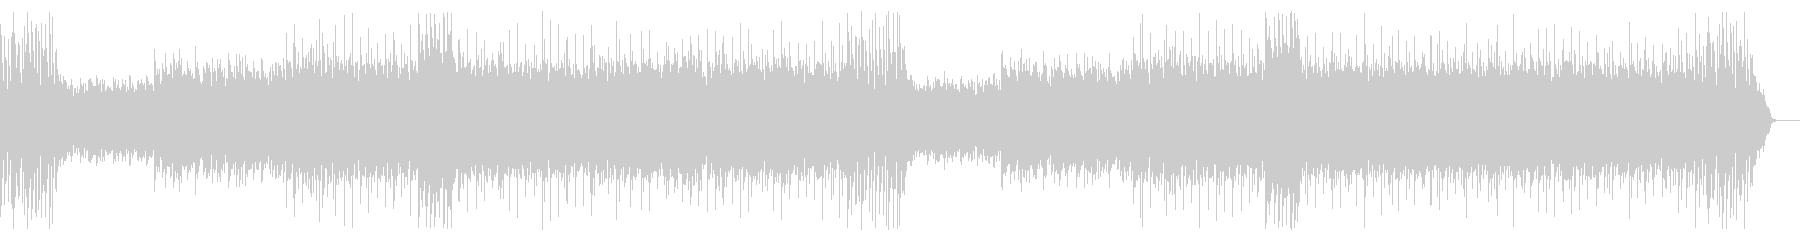 ガムランを中心としたエスニックなBGMの未再生の波形